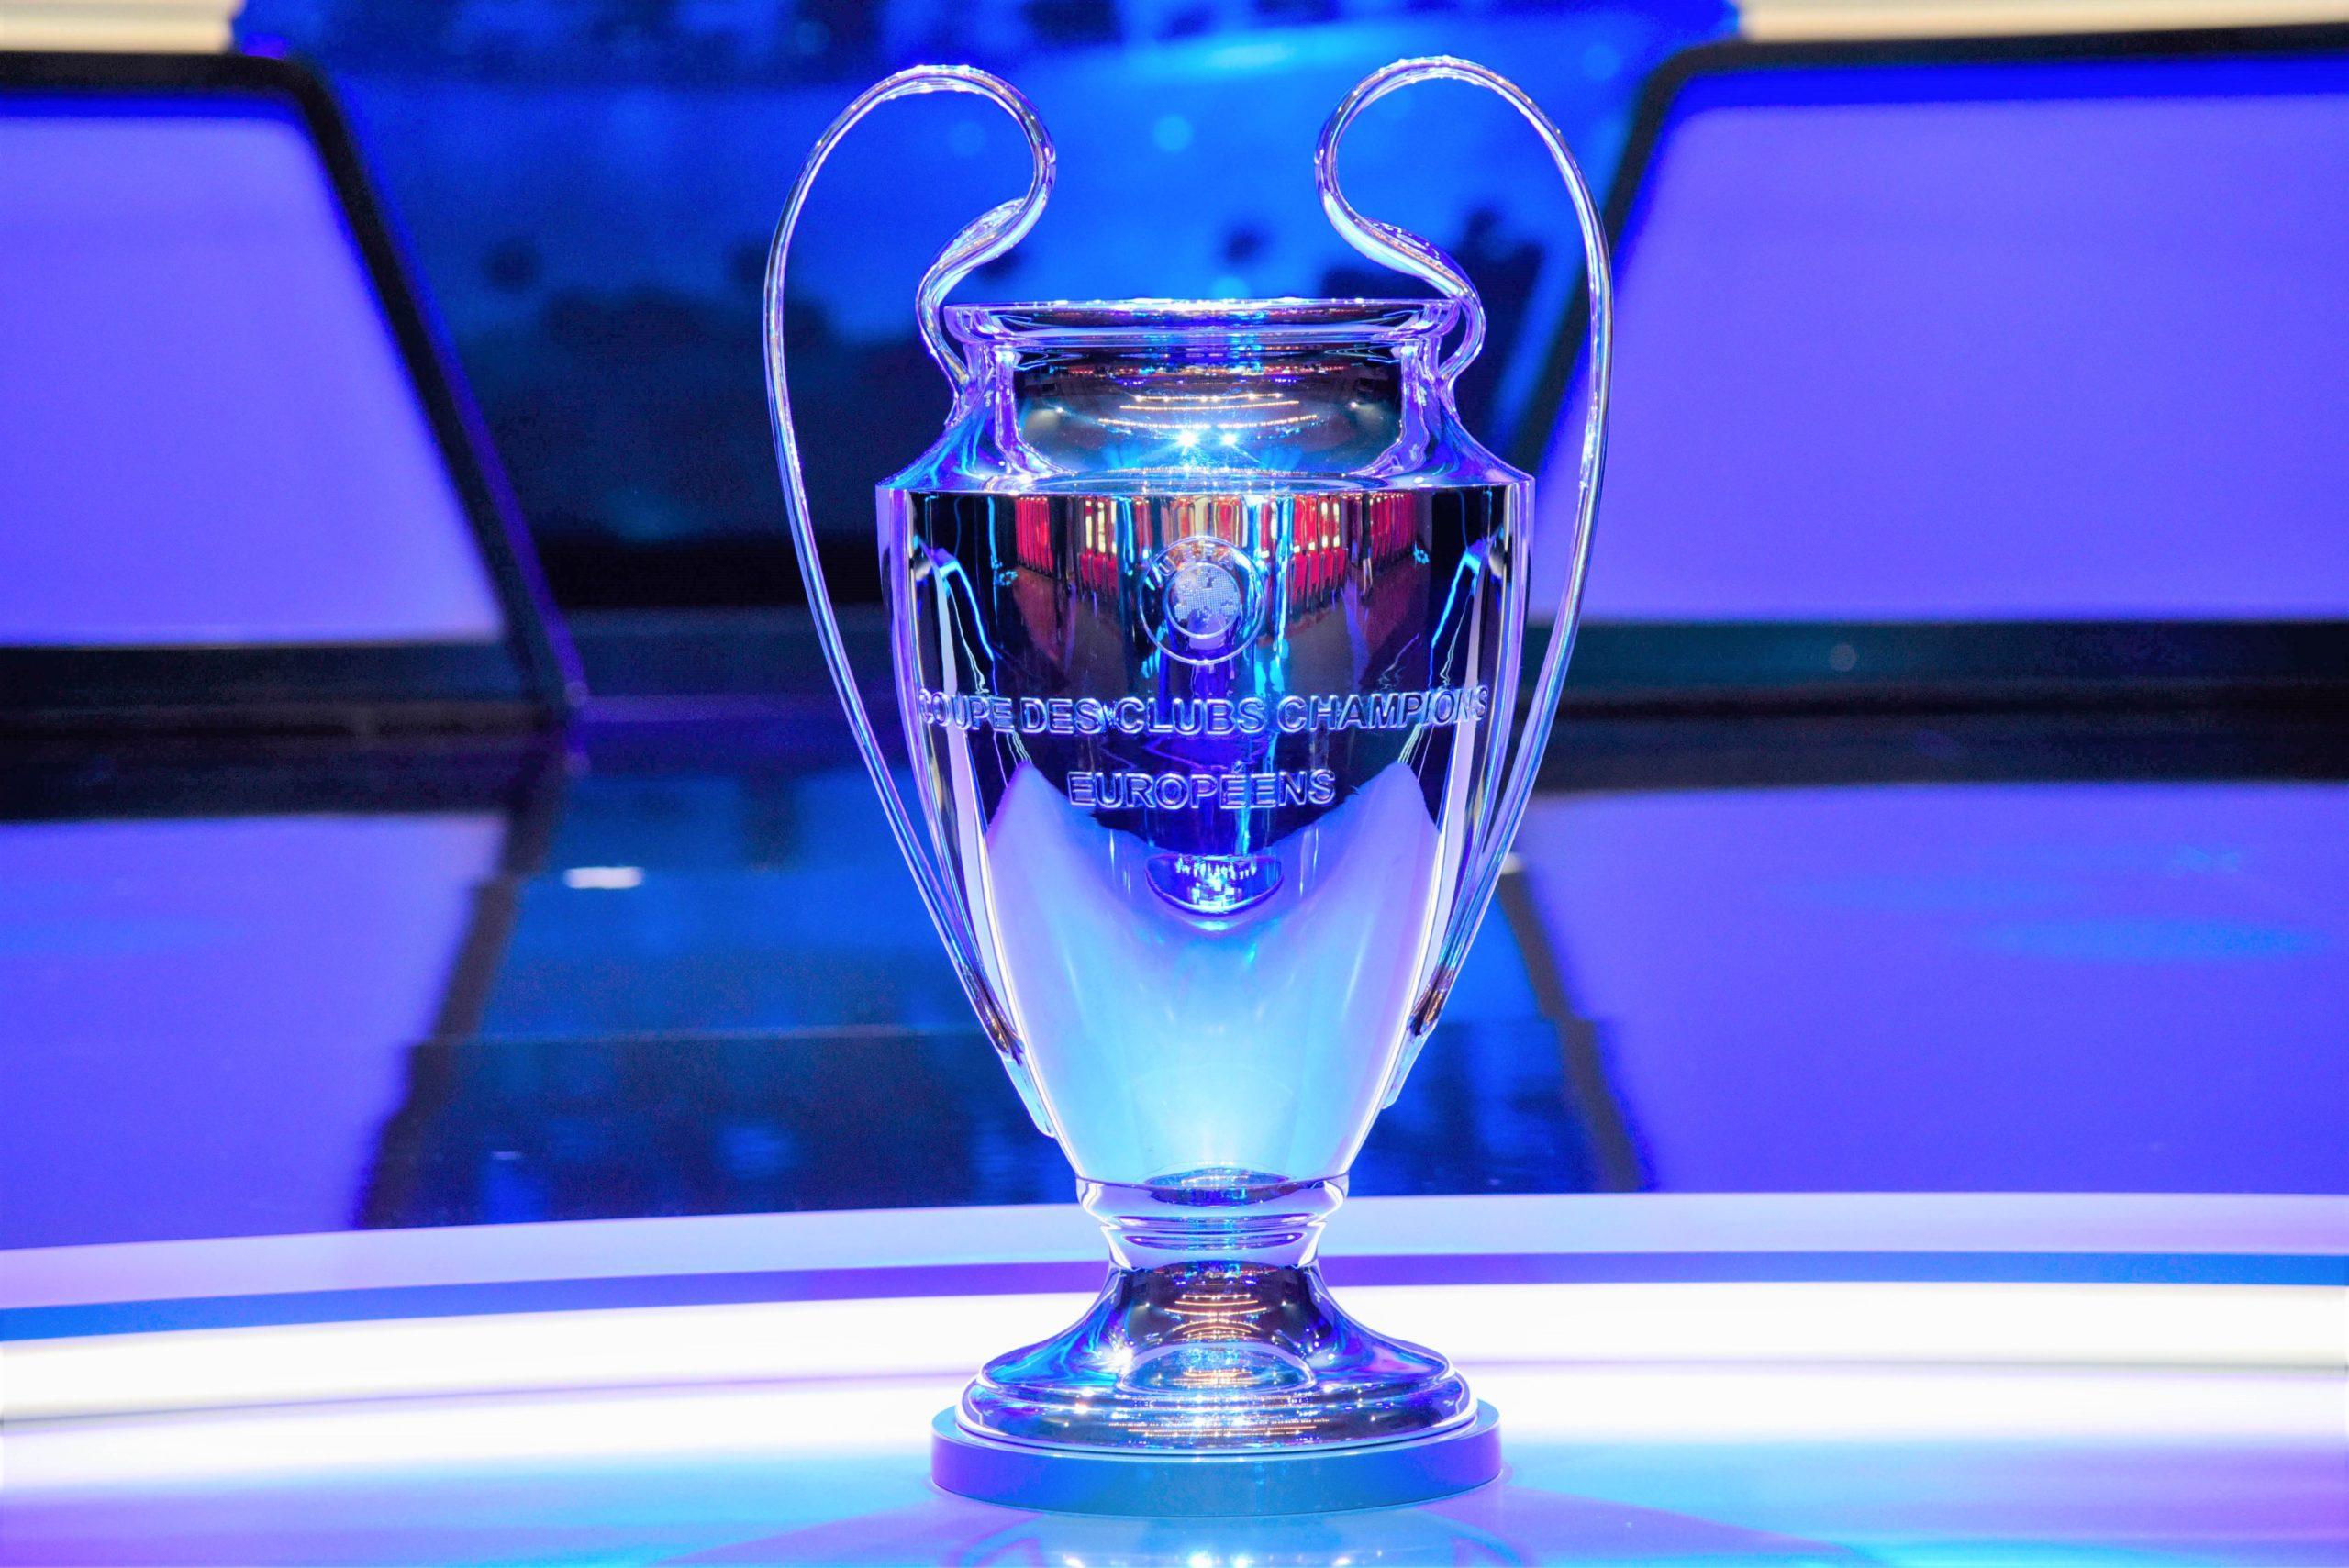 UEFA Champions League 2020/21 - Group Stage Verdict